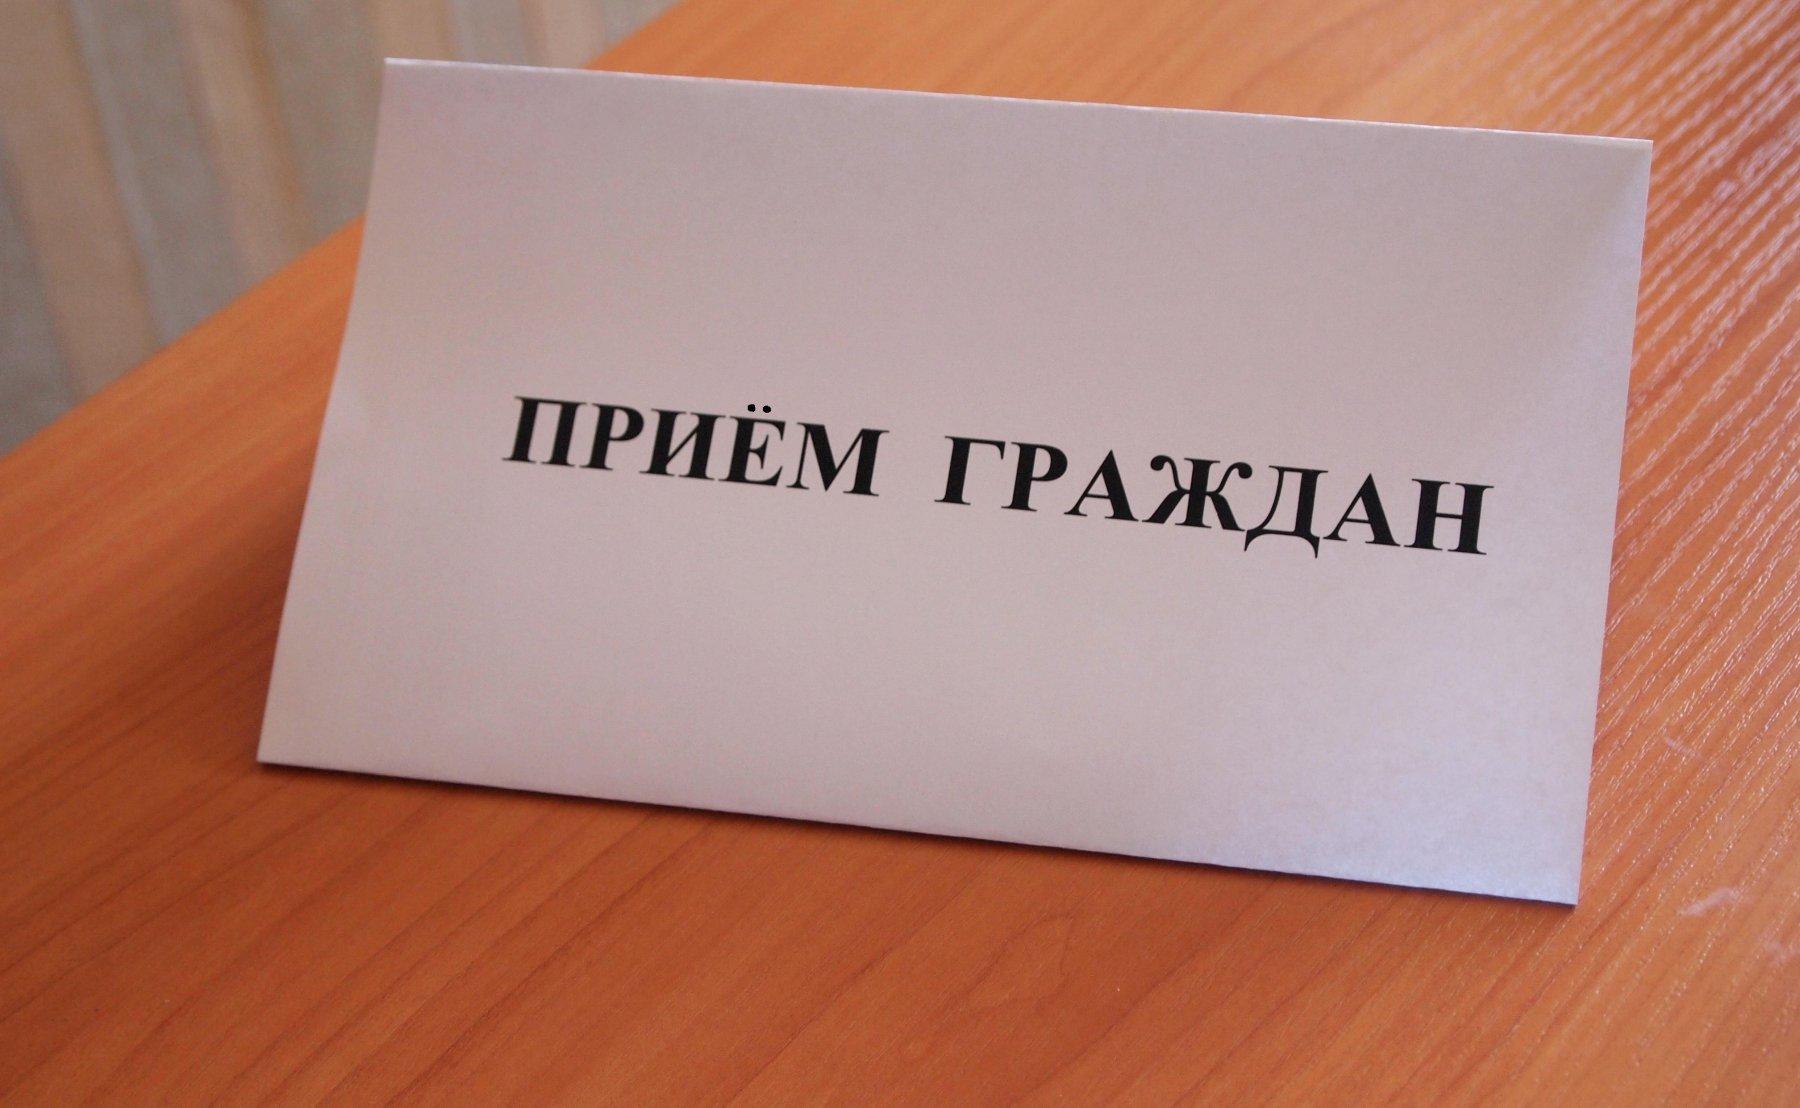 Заместитель начальника управления ГАИ МВД Республики Беларусь проведет прием граждан в Орше